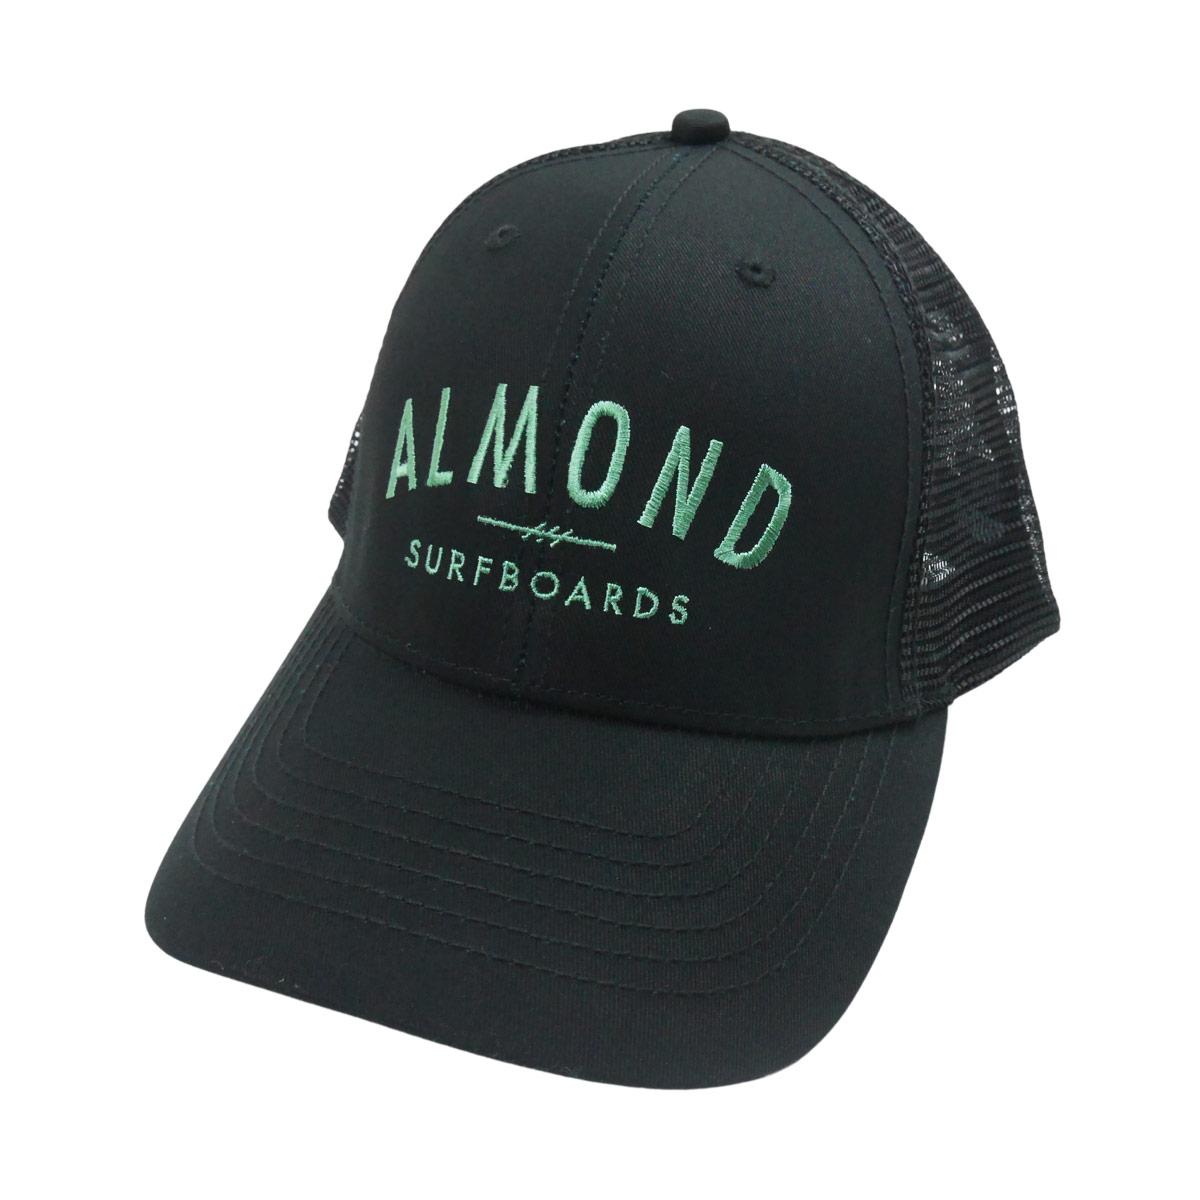 Almond Surf アーモンドサーフボードデザイン FINESURFING CAP